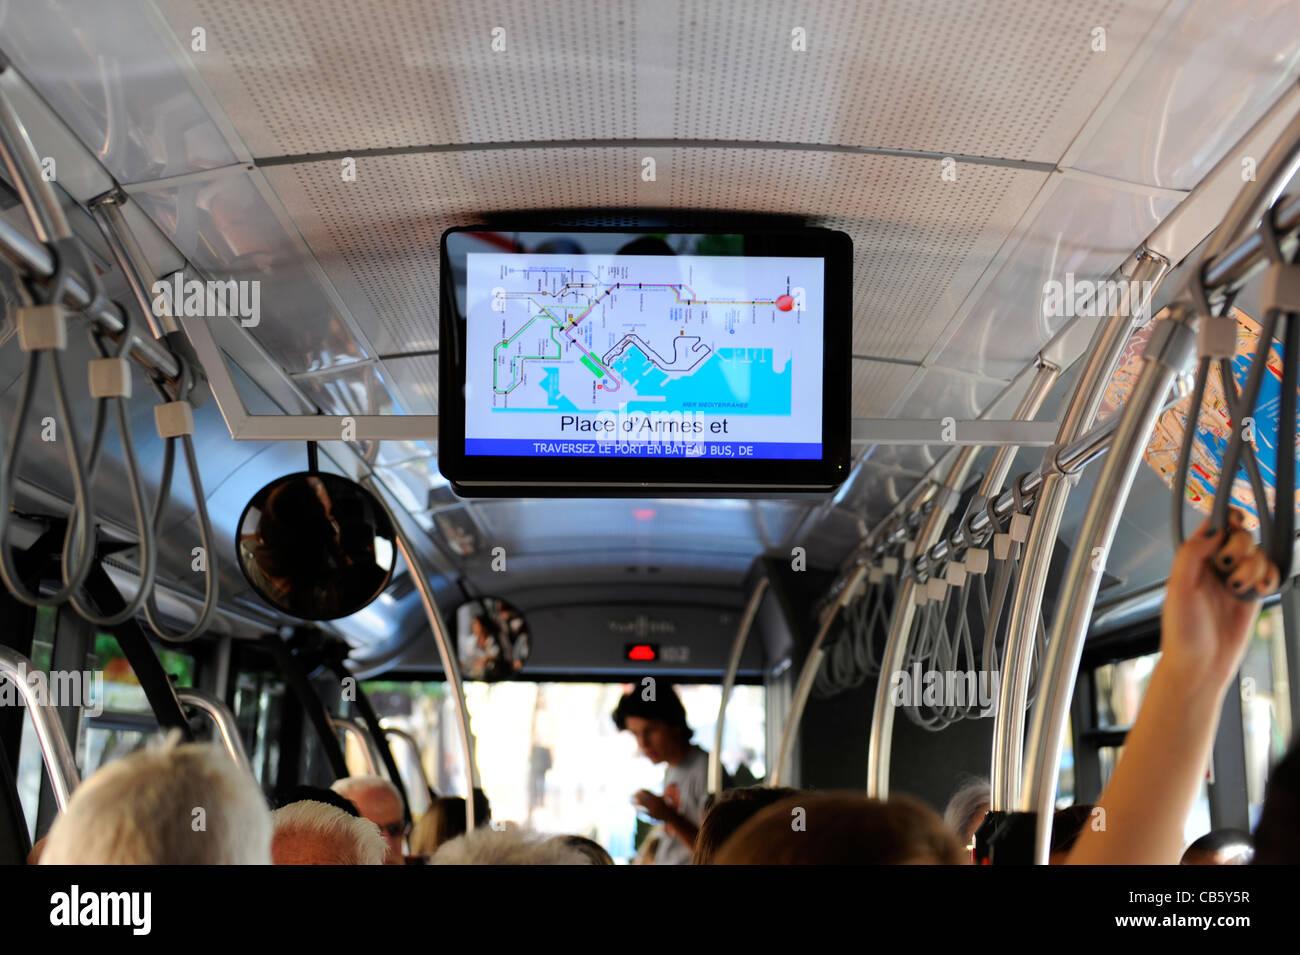 Trasporto pubblico autobus sul monitor di un computer di Monte Carlo Principato di Monaco Costa Azzurra Mediterraneo Immagini Stock